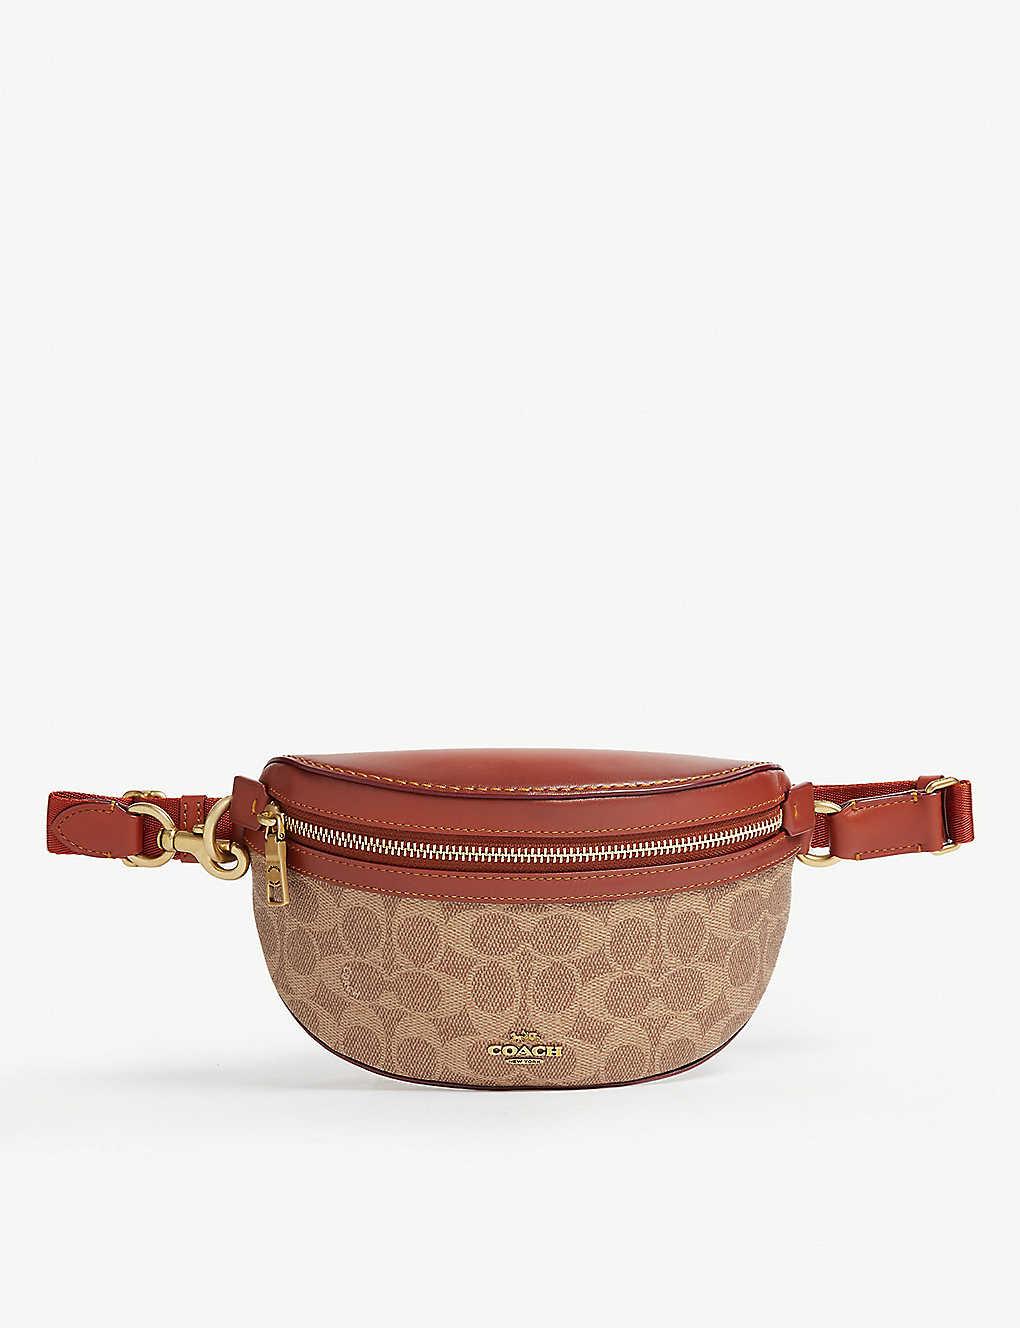 866550a132a280 COACH - Signature canvas leather beltbag | Selfridges.com